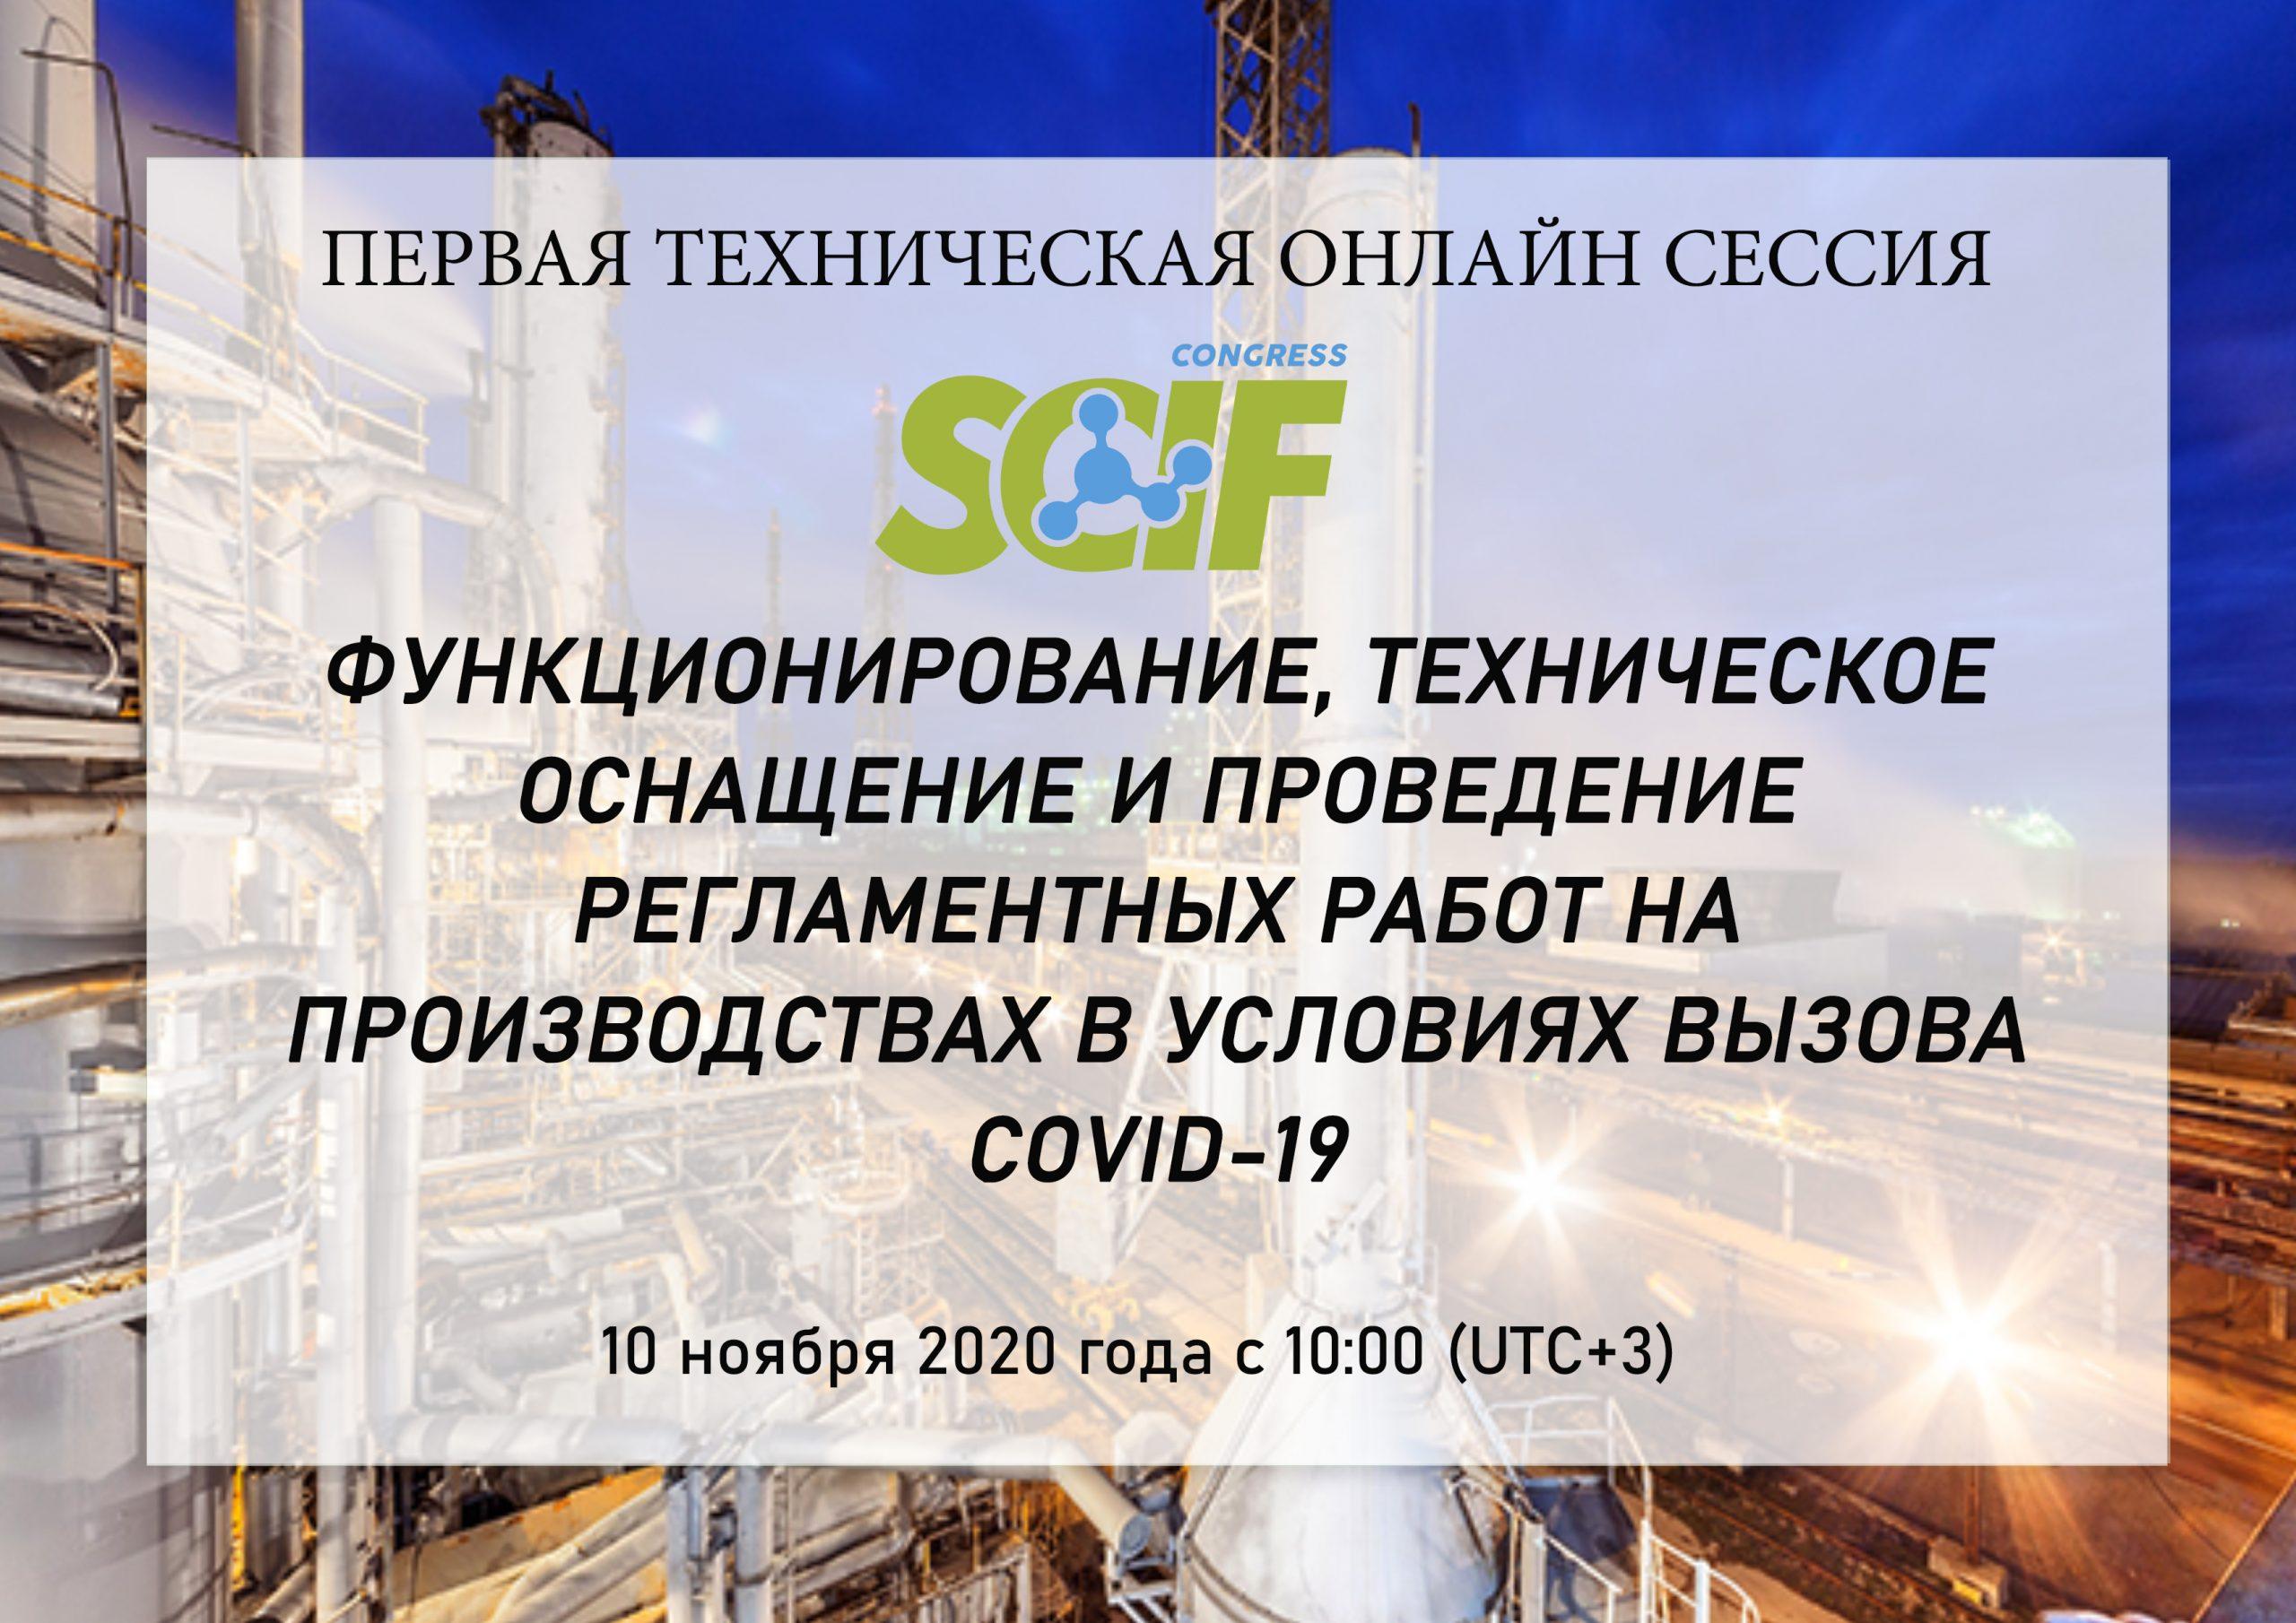 Итоги Первой технической онлайн сессии в рамках технического дискуссионного клуба SCIF